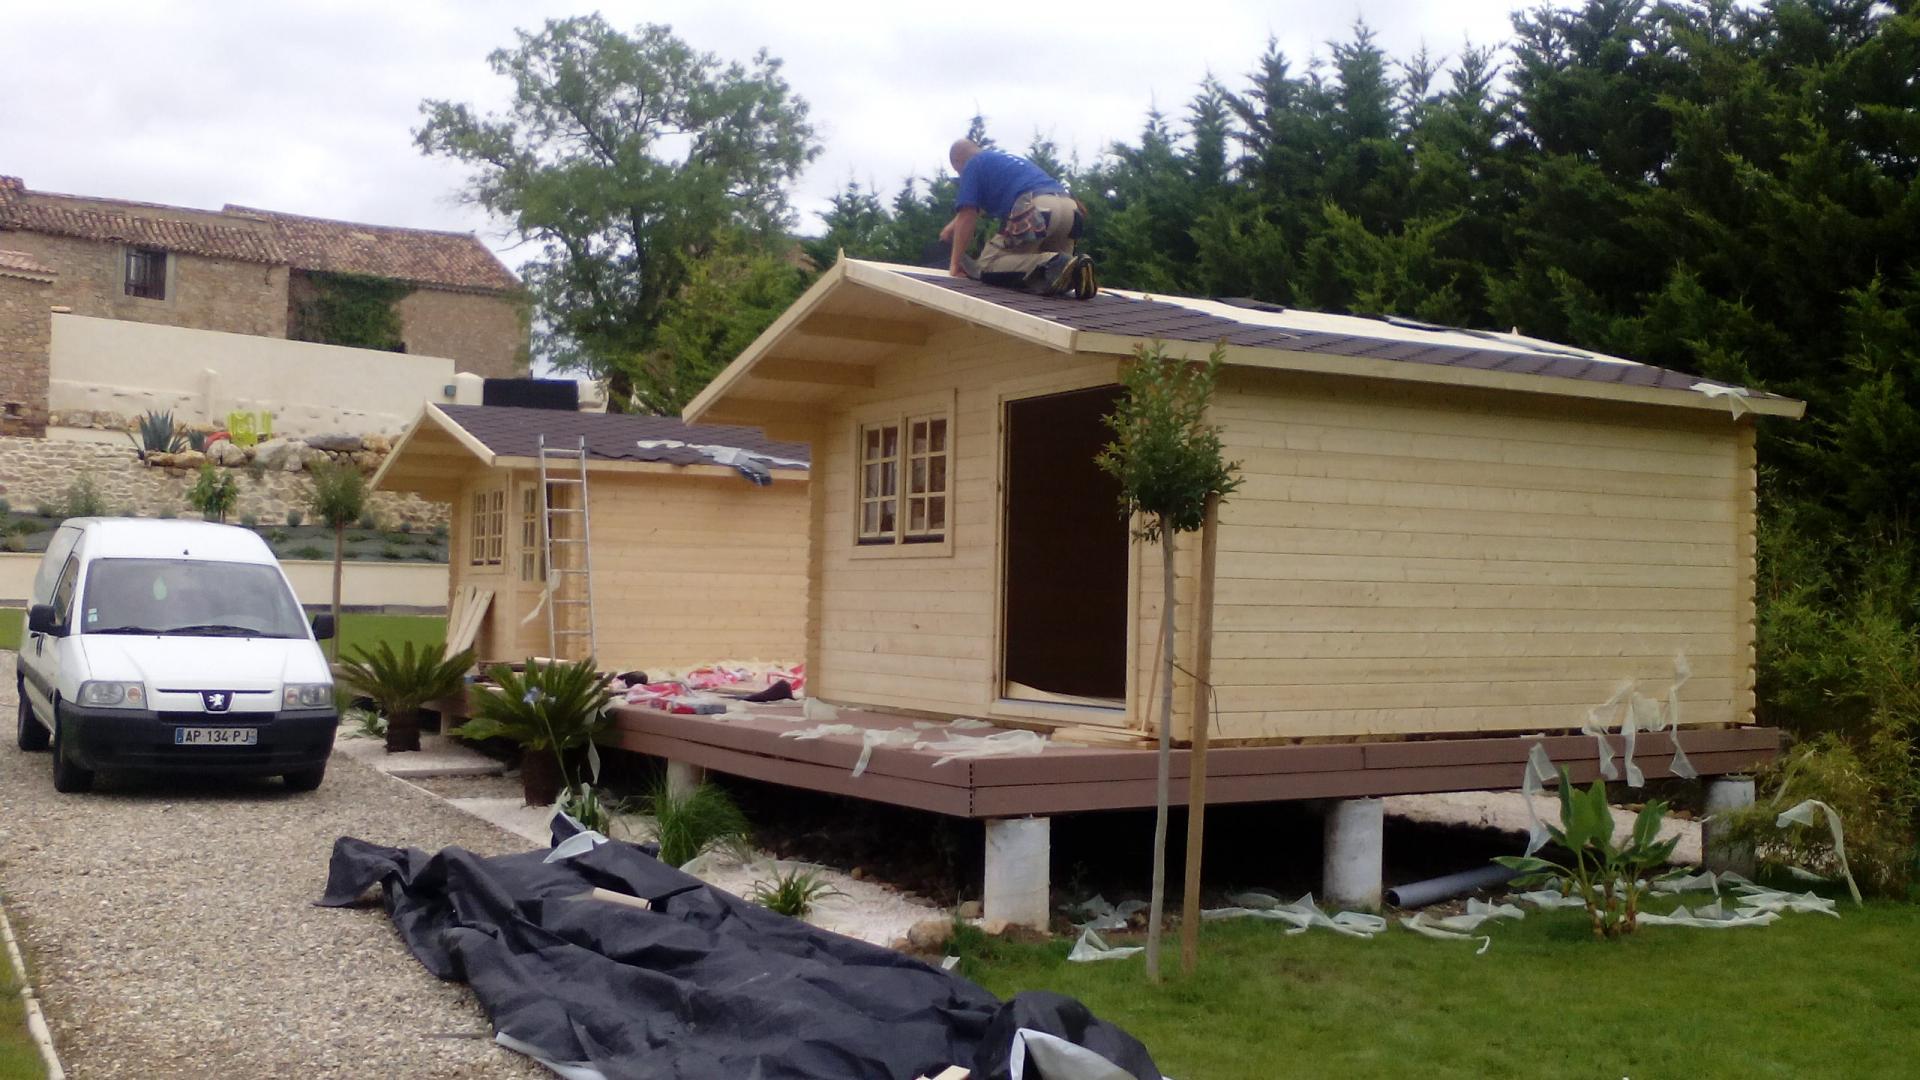 Les diff rentes couvertures des chalets en bois et des - Couverture chalet de jardin ...